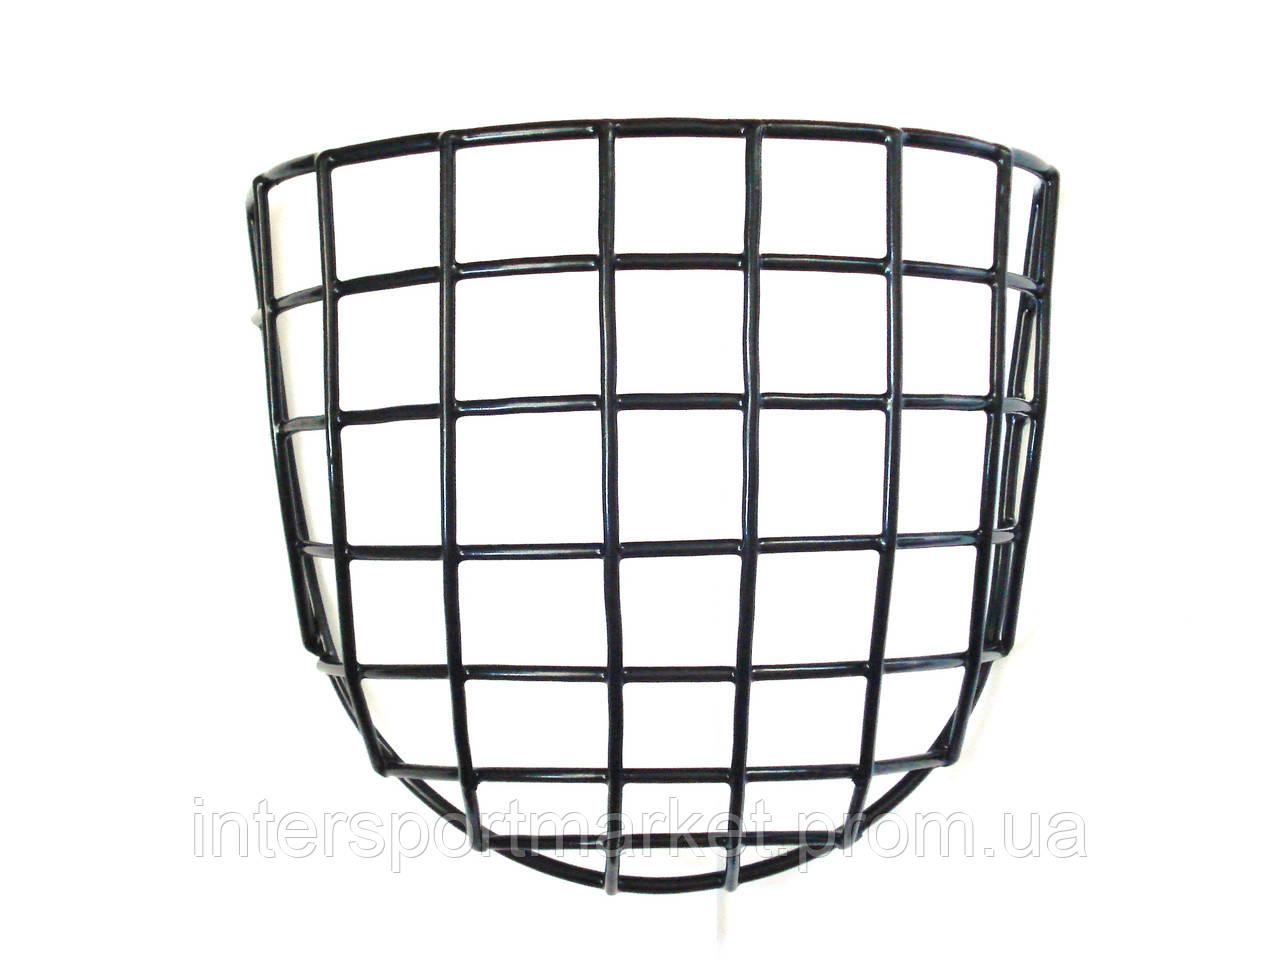 Забрало для закрытых шлемов, материал сталь - Интерспортмаркет Интернет-магазина по продаже спортивных тренажеров и аксессуаров в Киеве